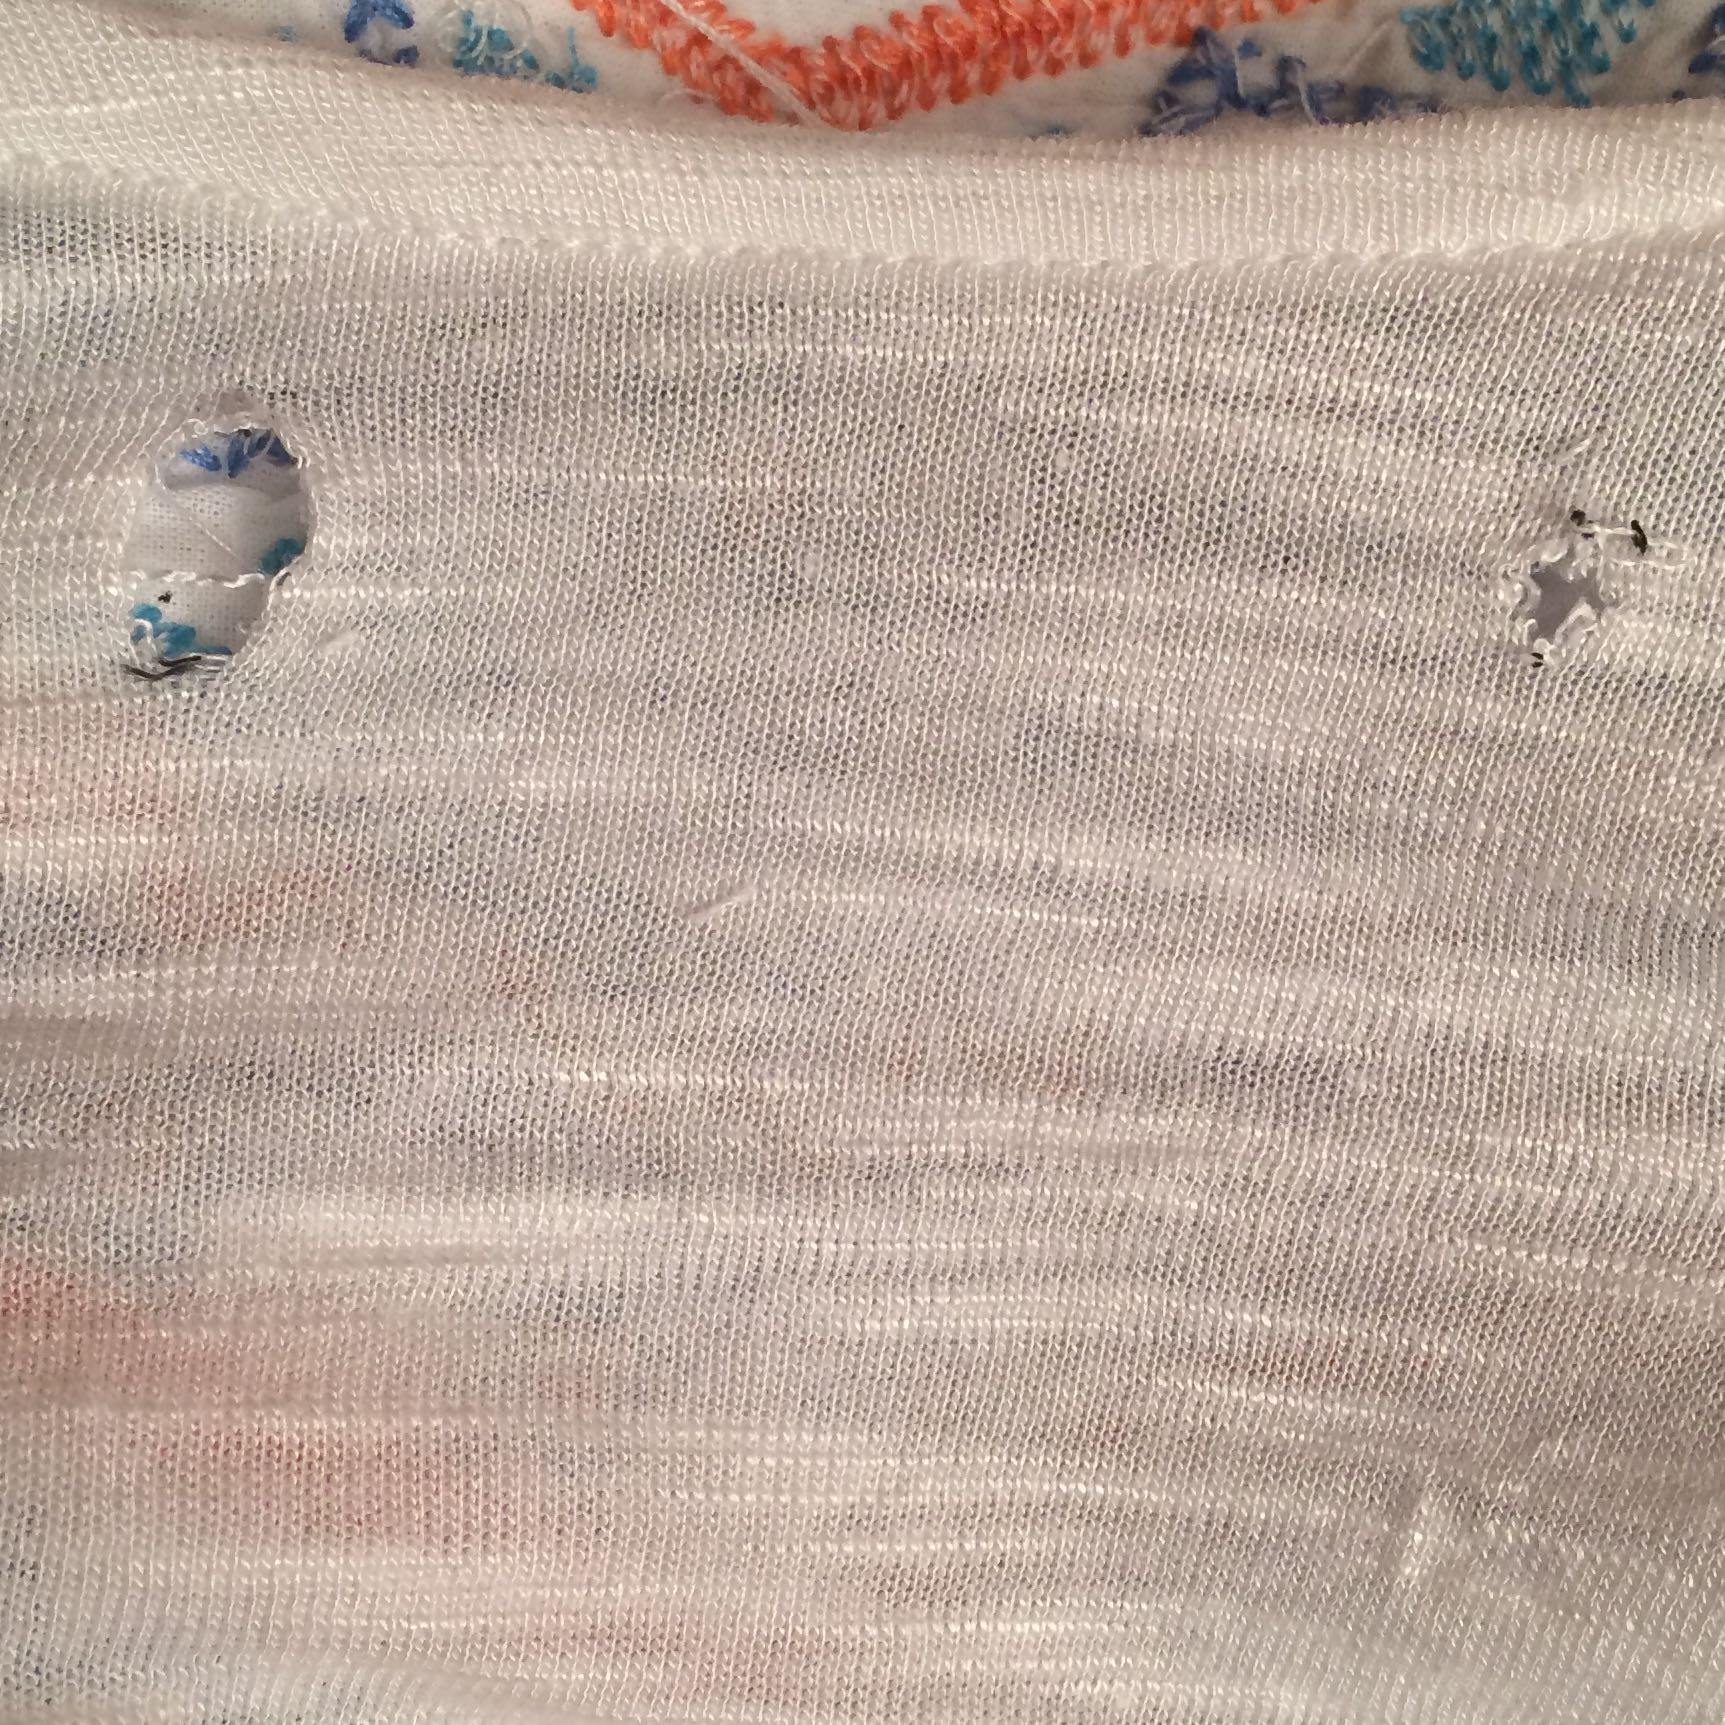 Wie kann diese zwei Löcher im shirt wieder schön zusammen